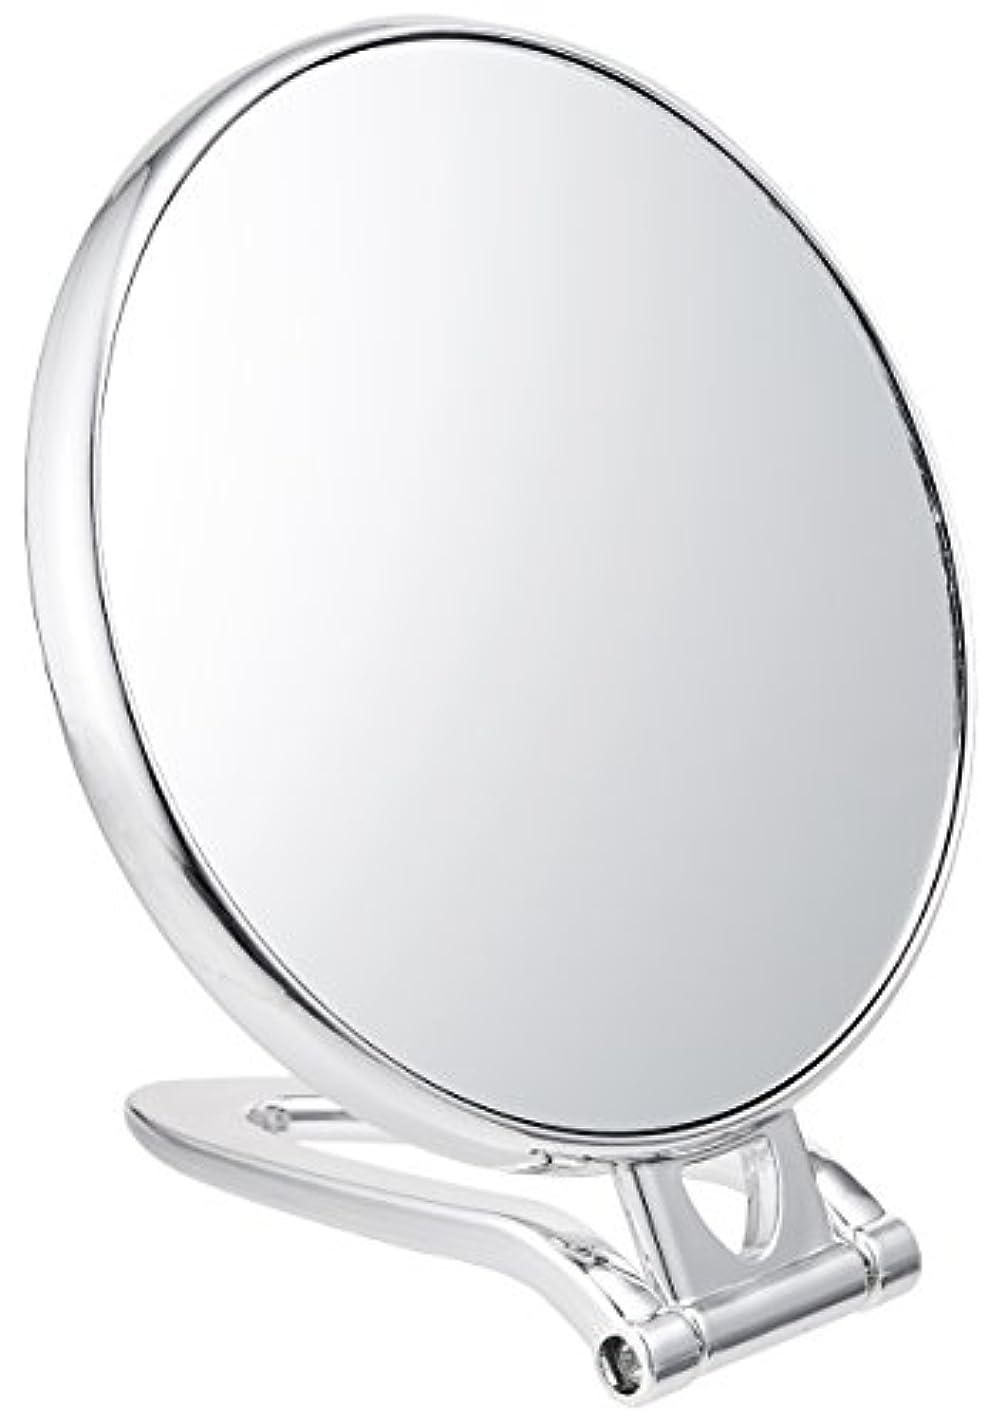 取り付け活力ぬいぐるみ拡大鏡付スタンドミラー(約2倍)シルバー